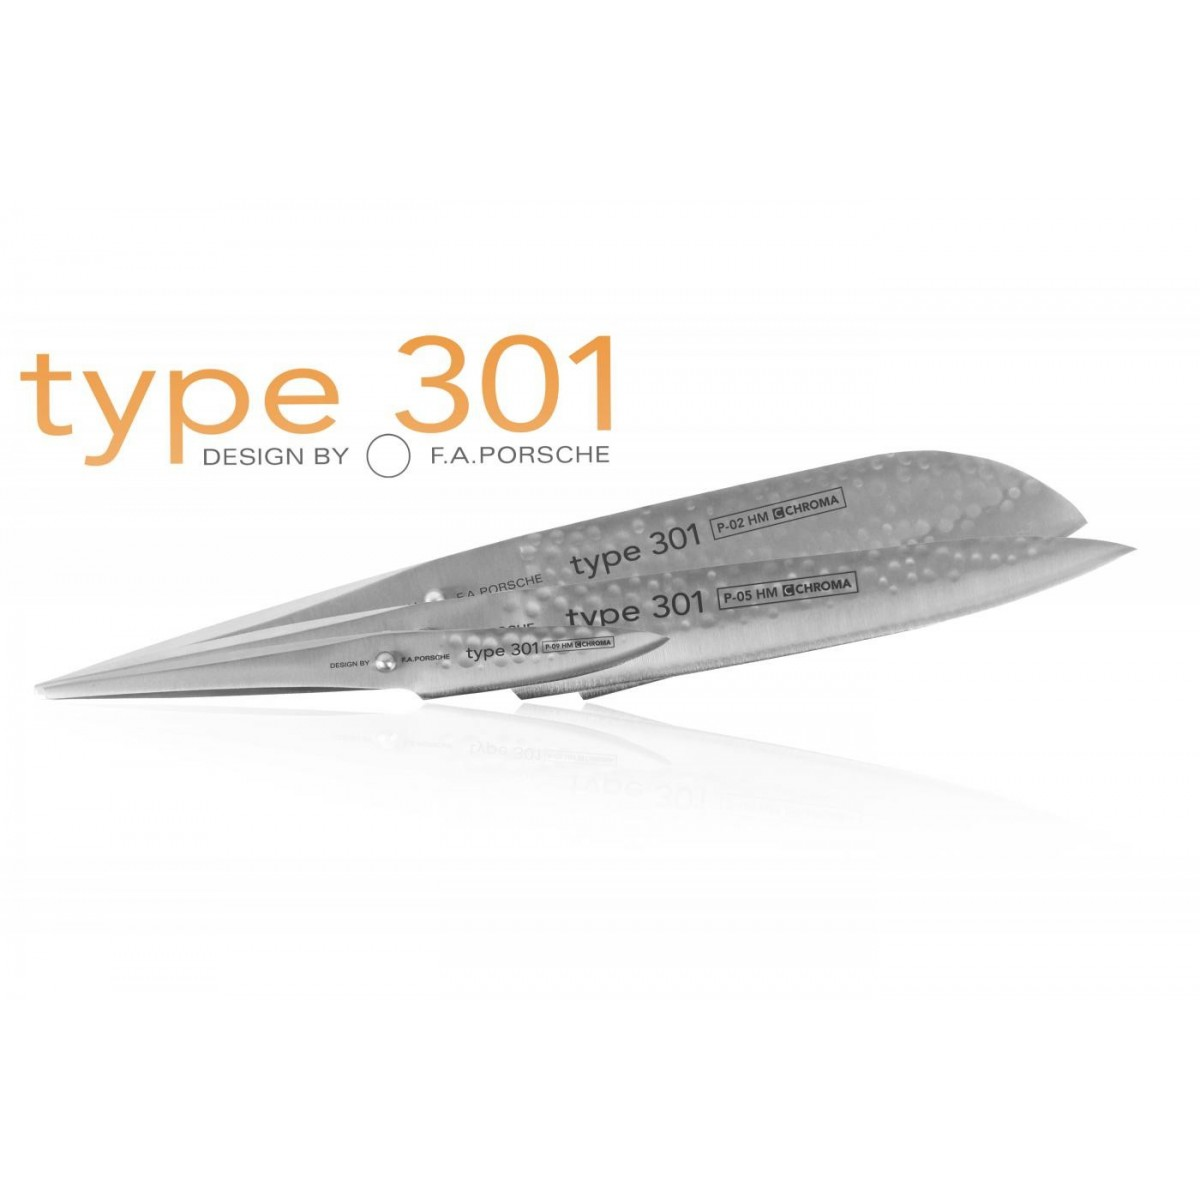 couteau japonais type 301 design chroma